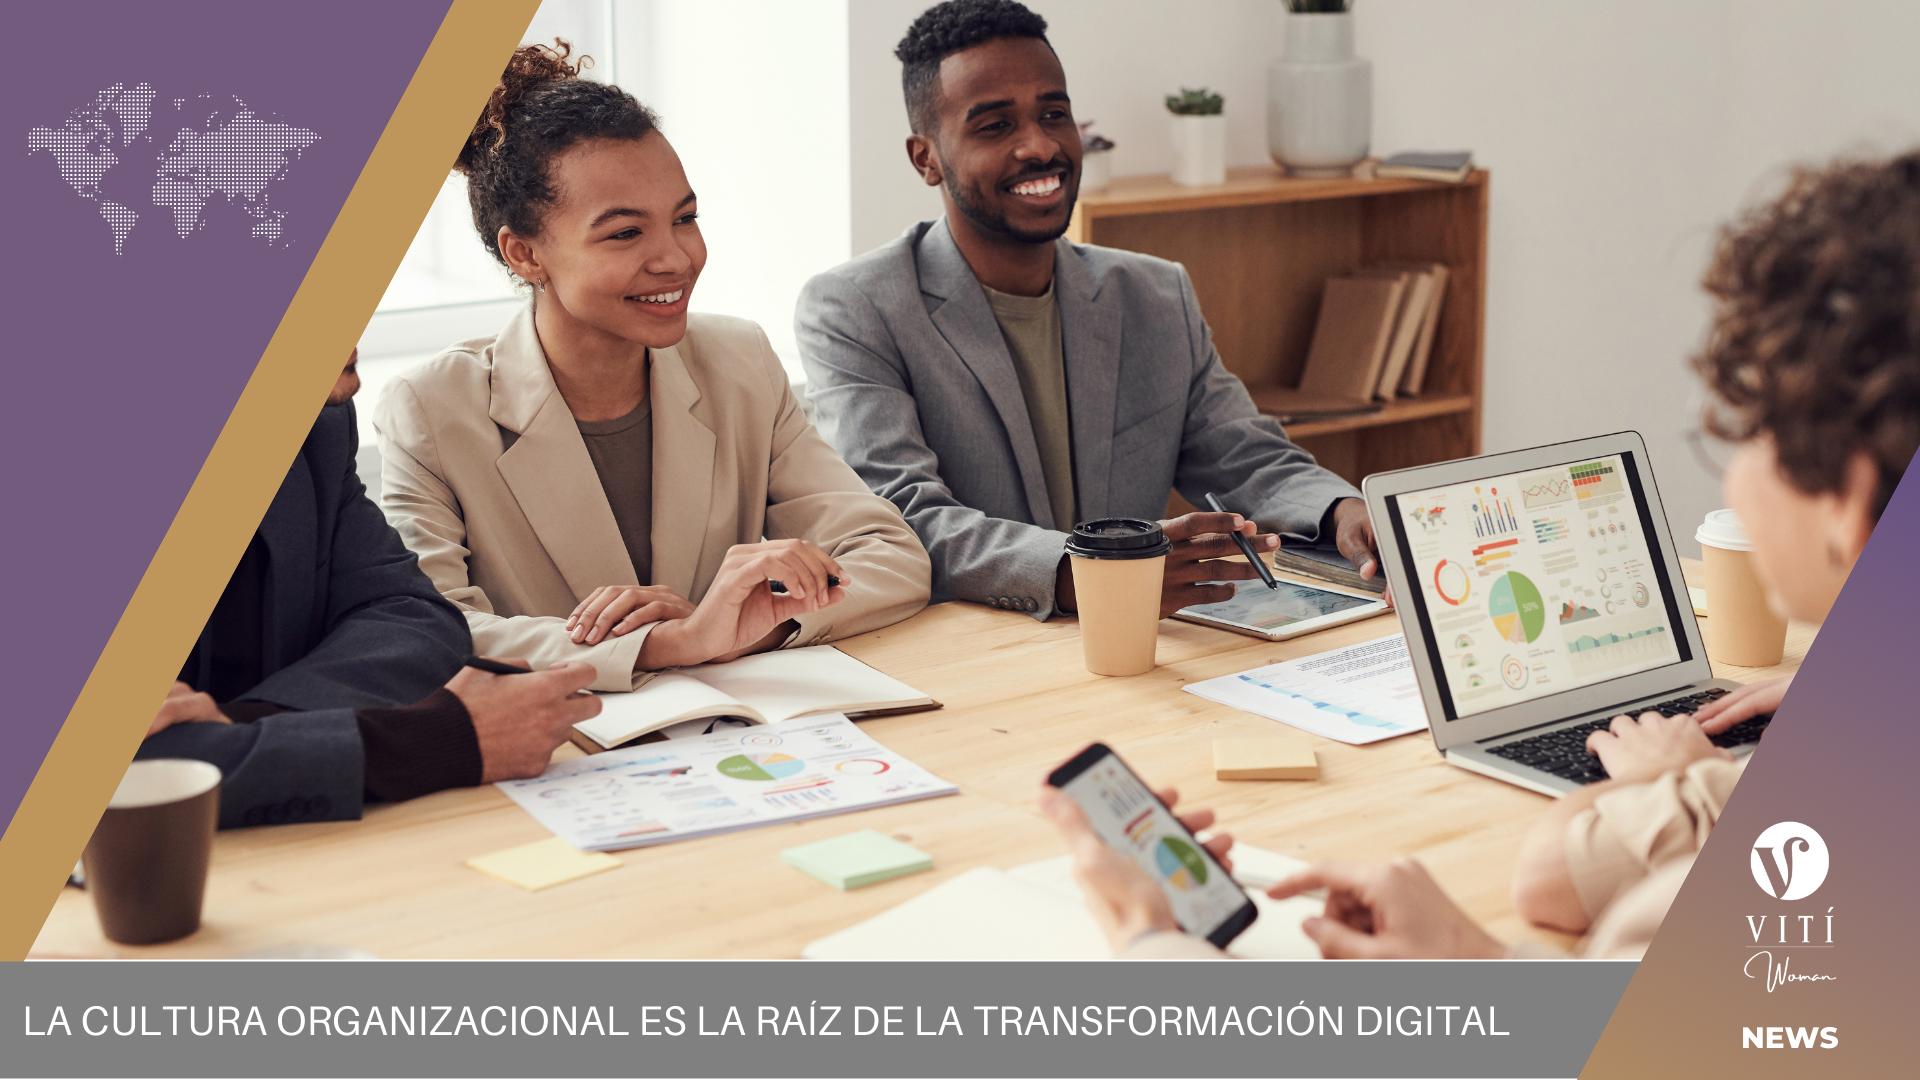 La cultura organizacional y Transformación Digital